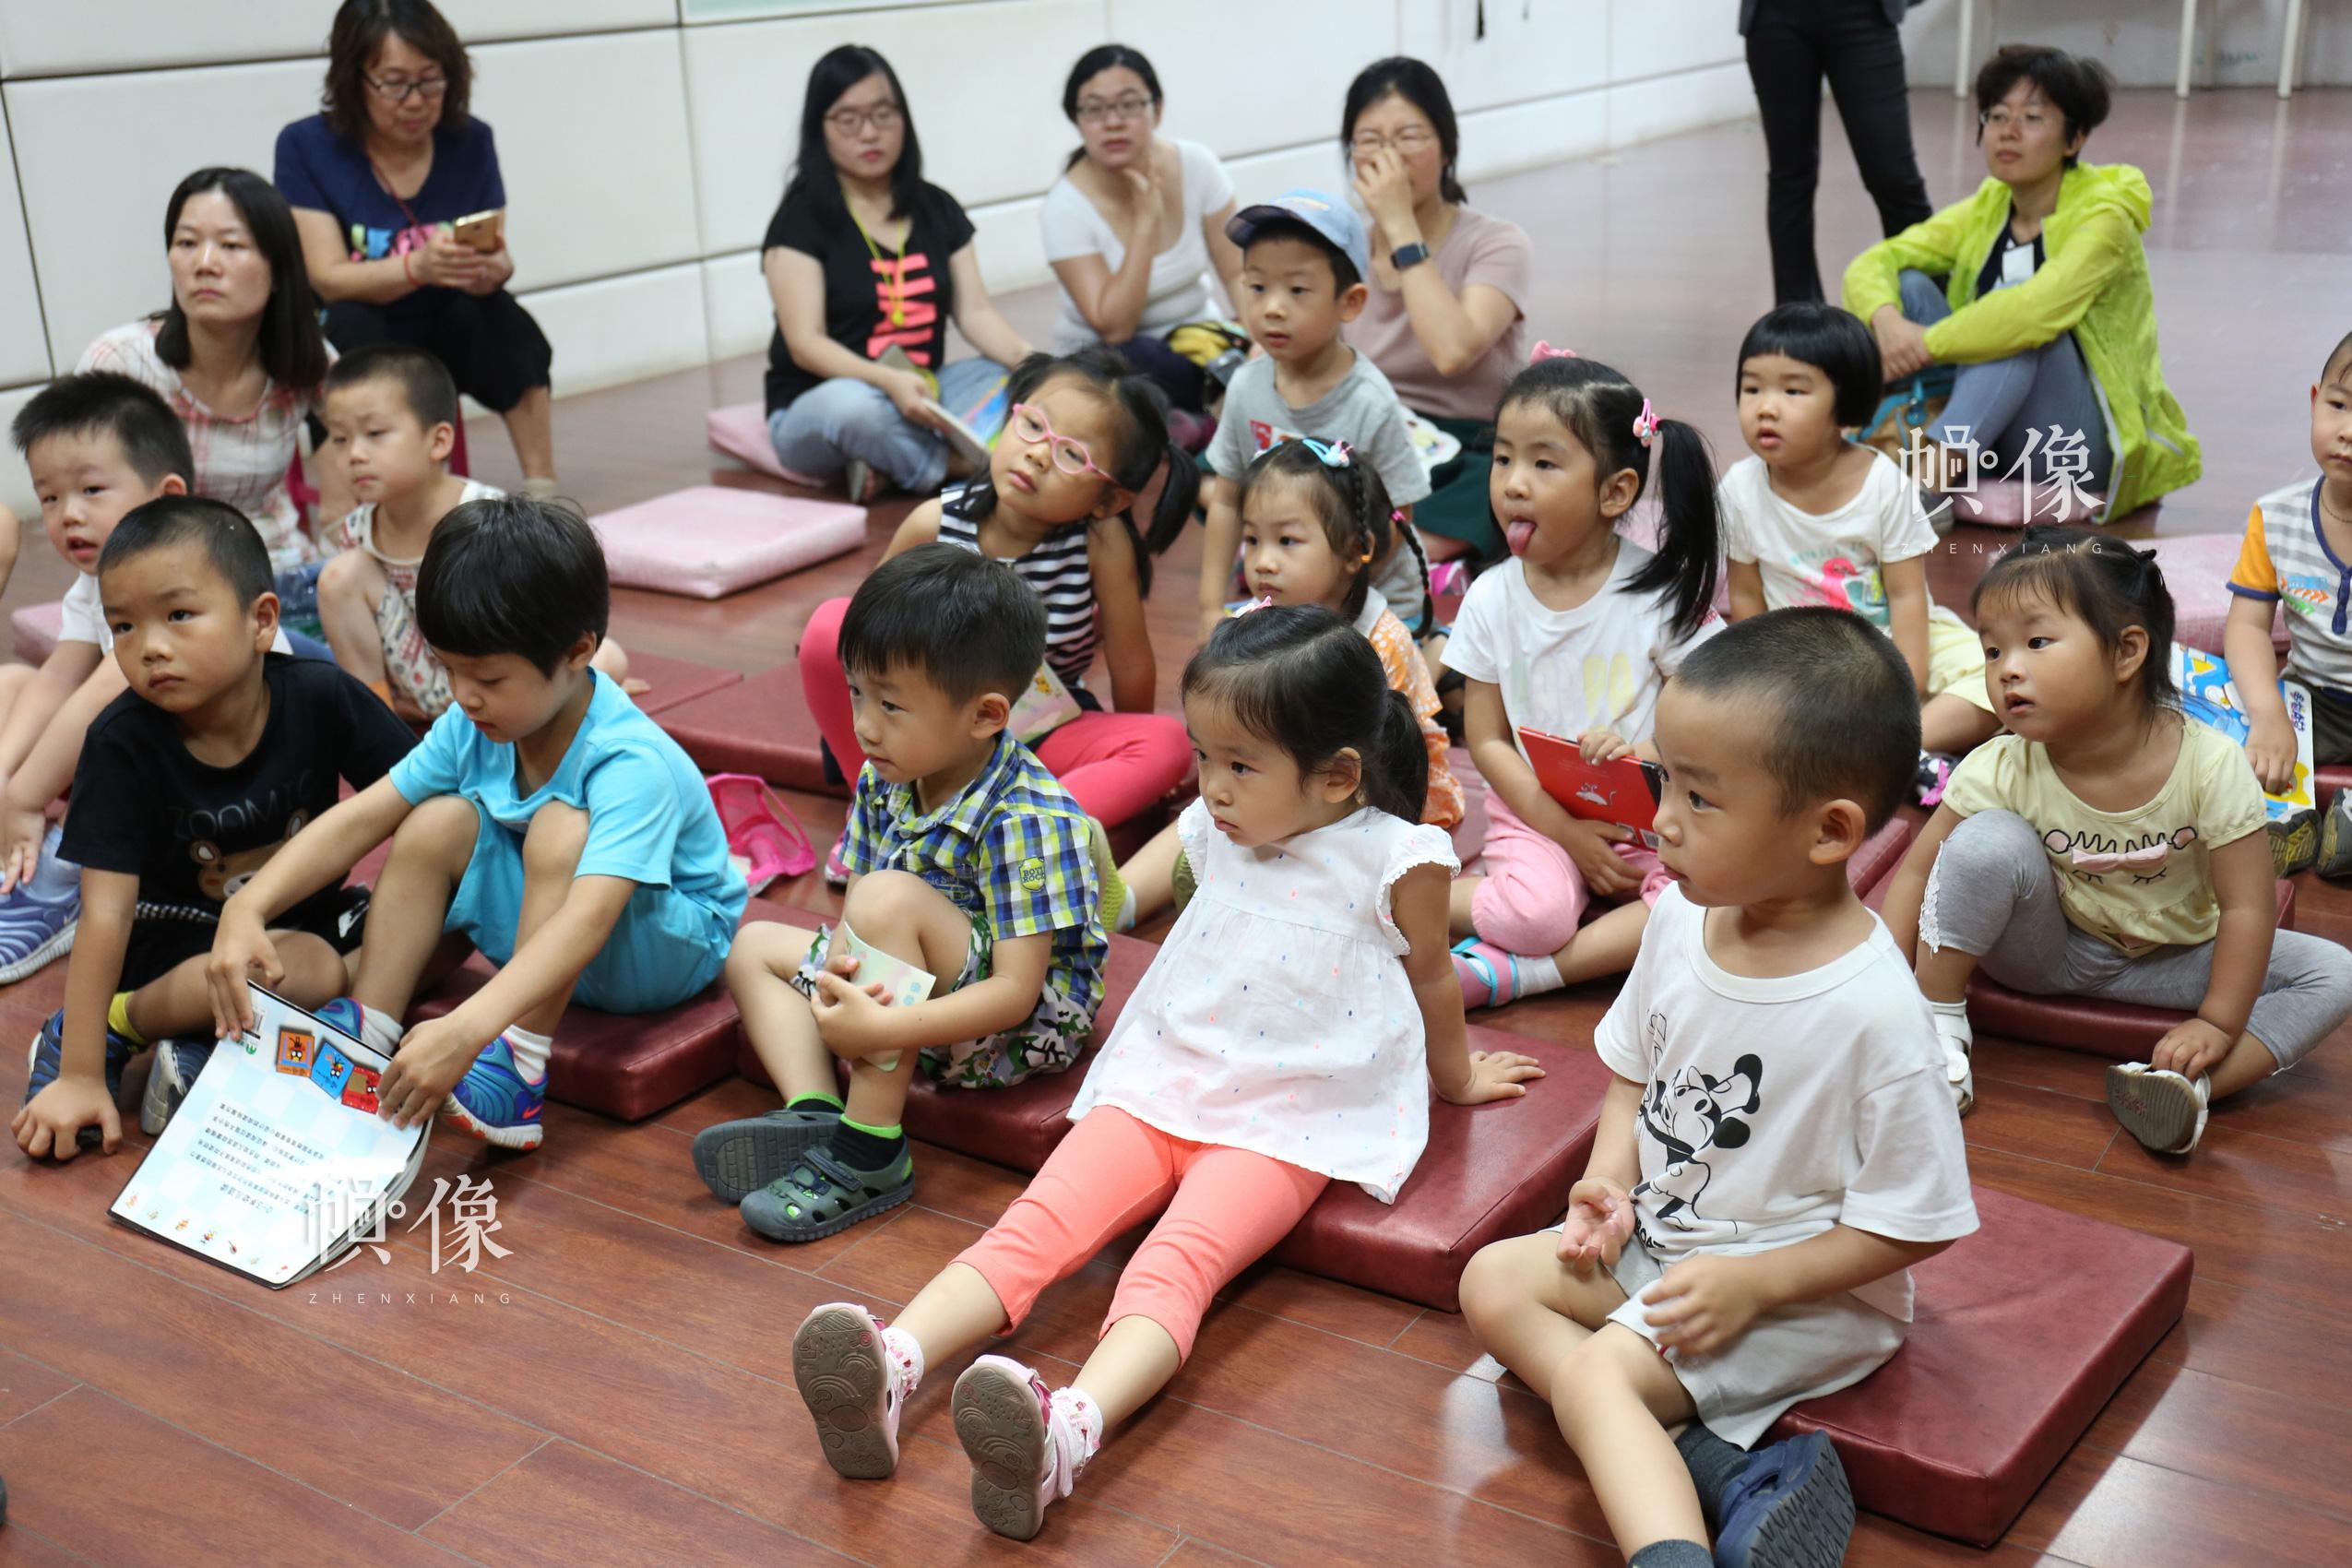 图为神态各异的听工作人员读书的小朋友。 中国网记者 吴佳潼 摄